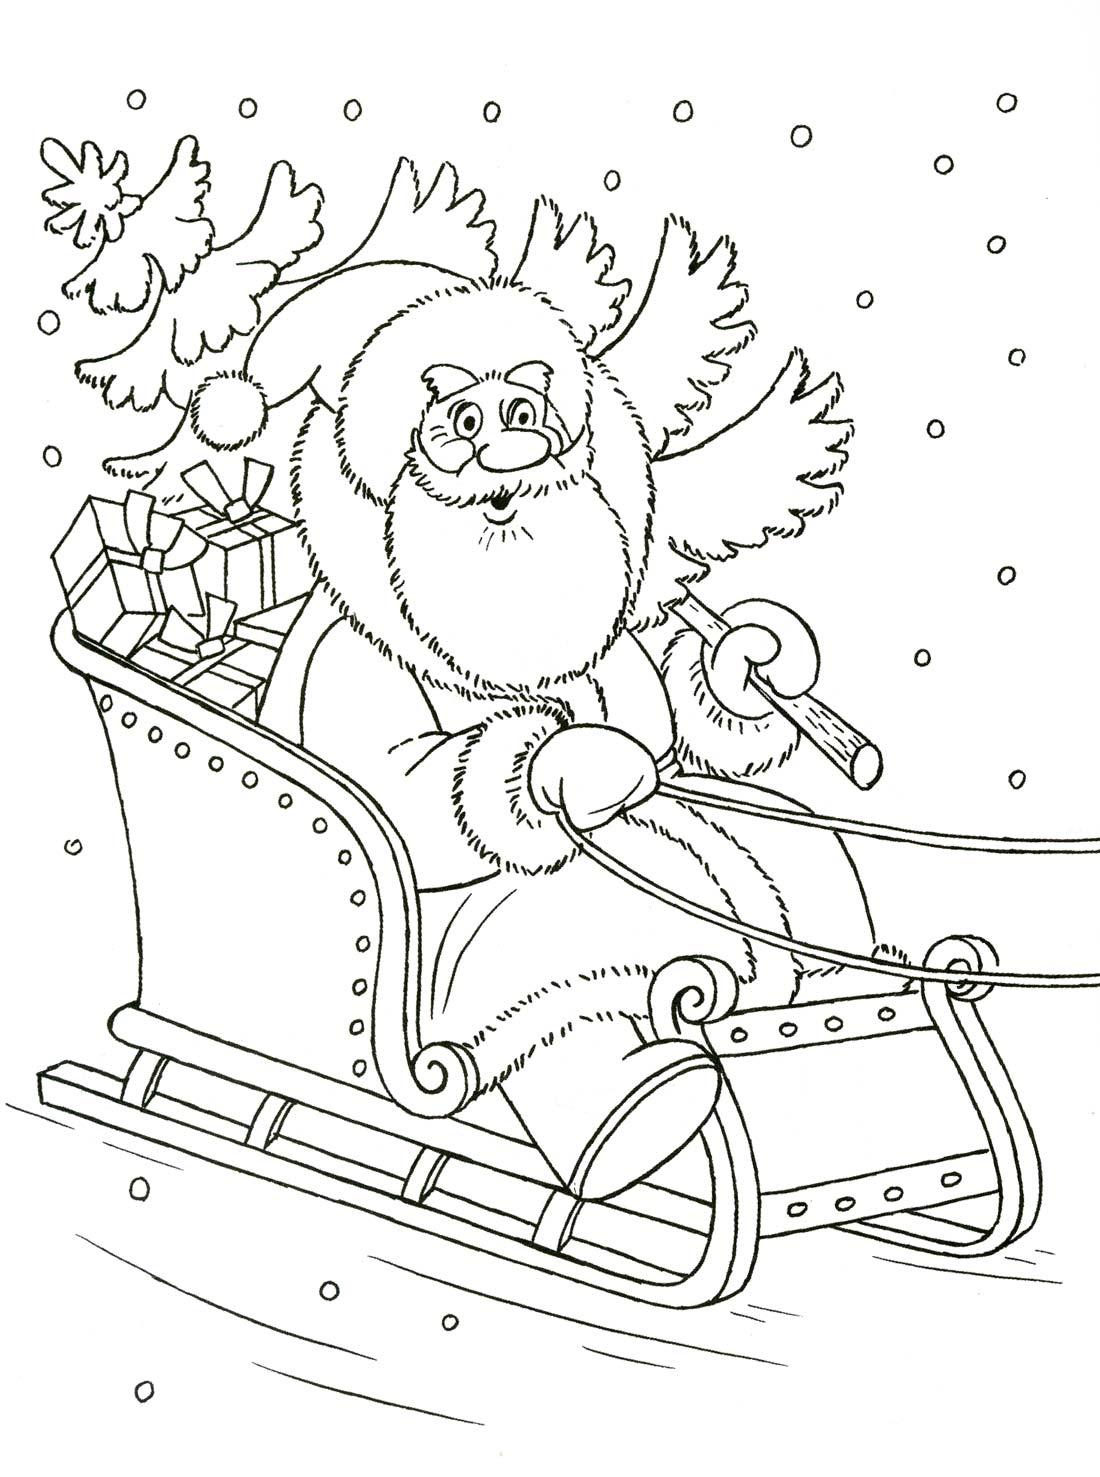 Раскраска Зимние забавы во дворе распечатать | Зима | 1477x1100